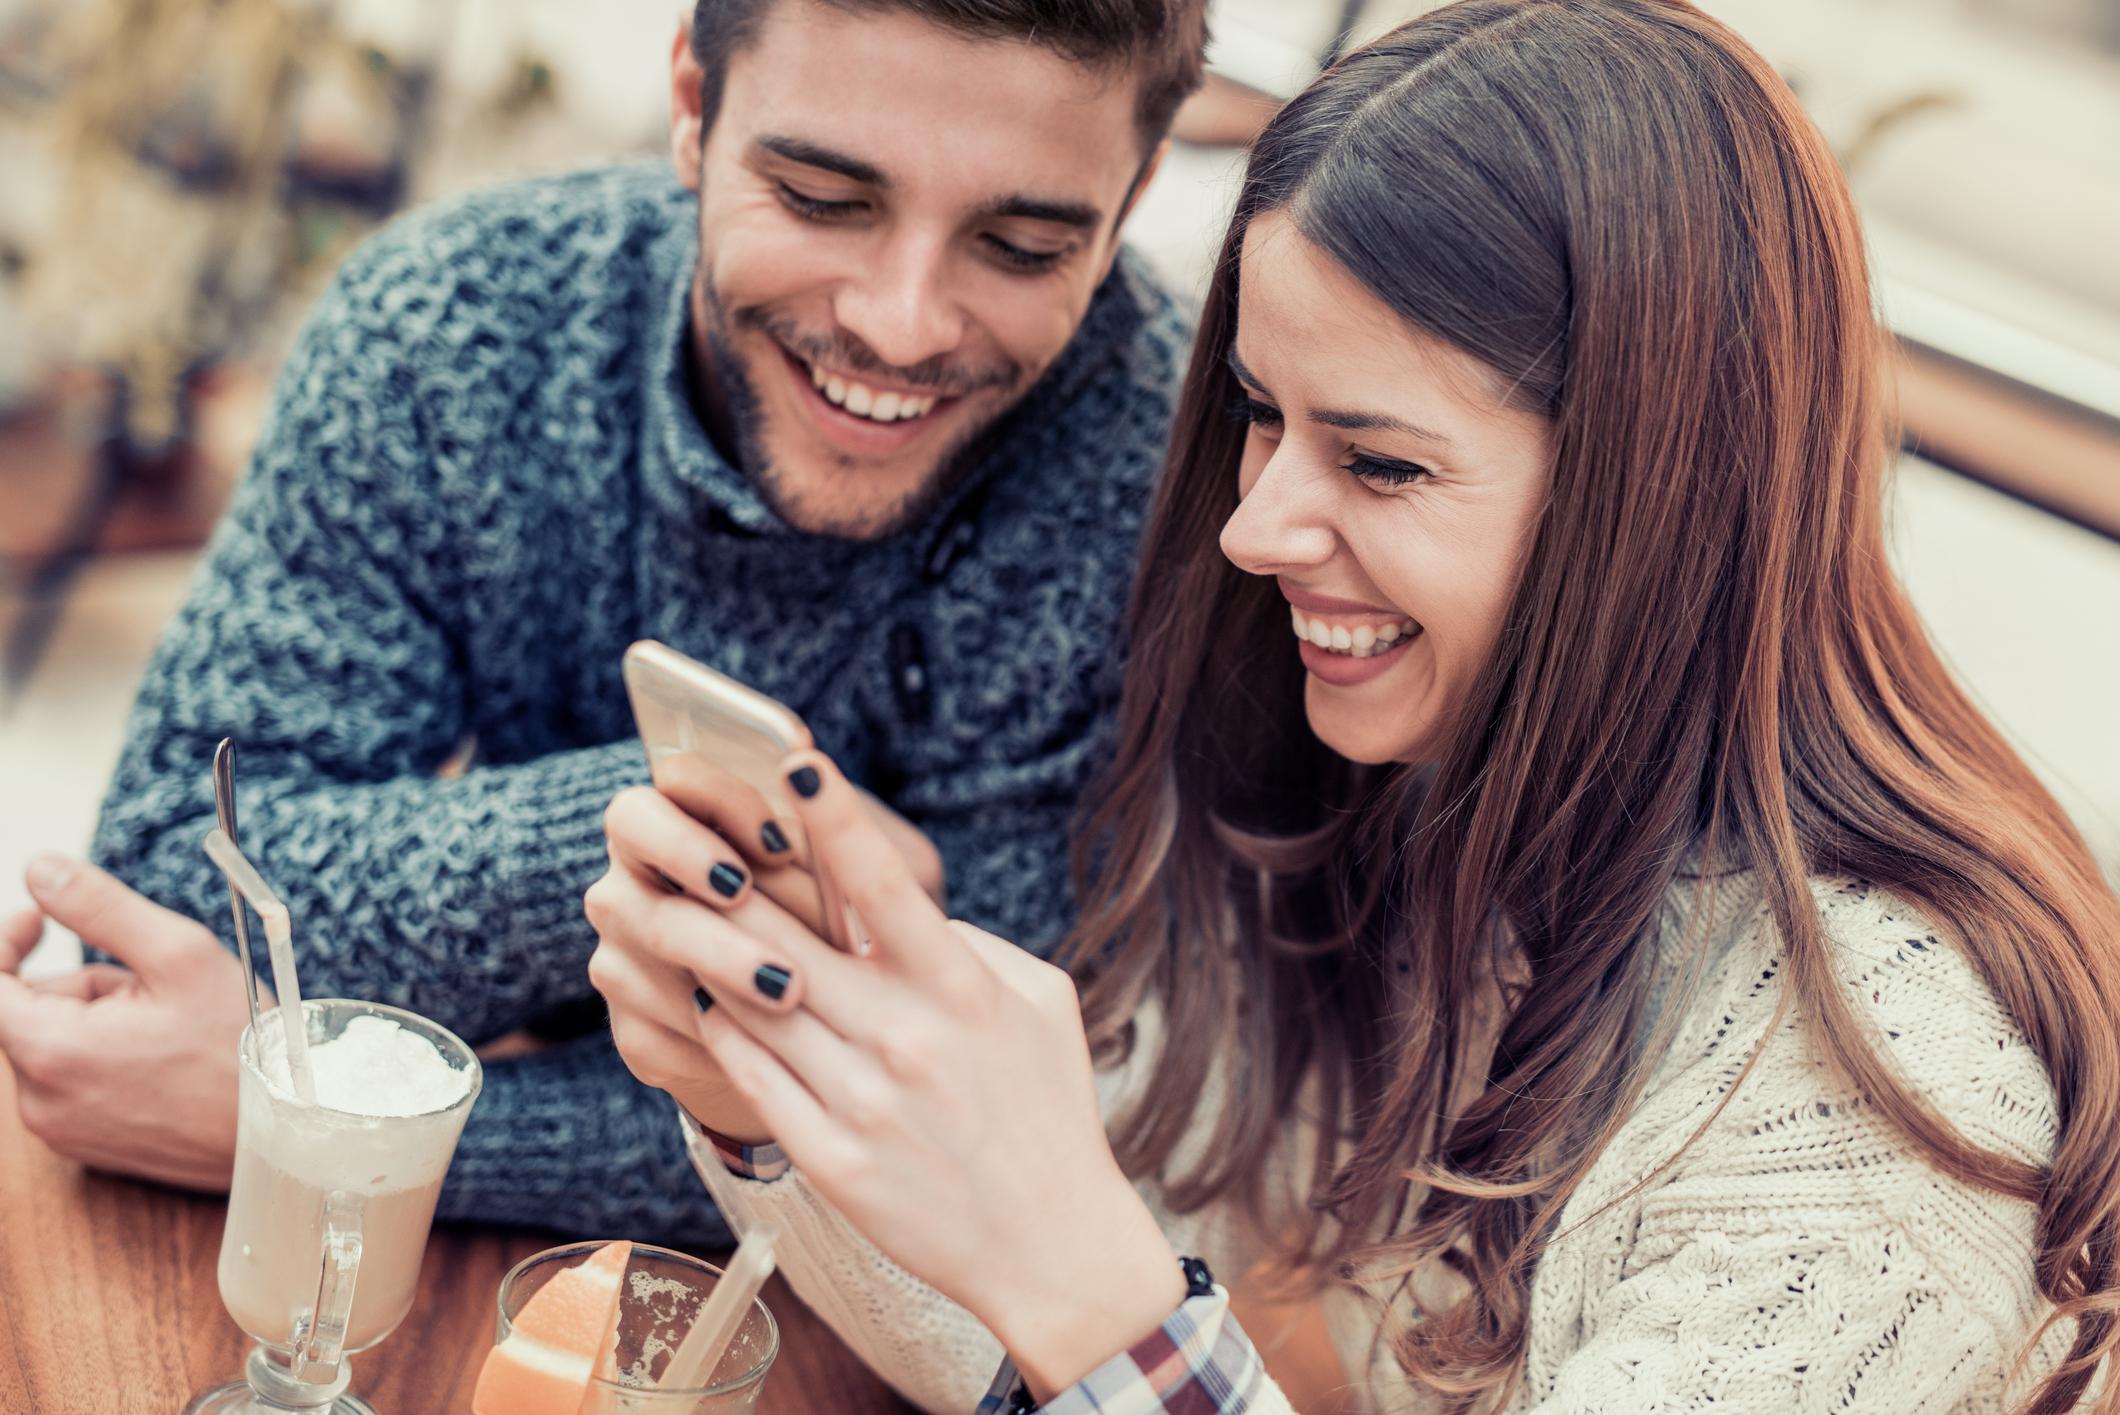 5 мов кохання як надійний і перевірений спосіб виправити стосунки